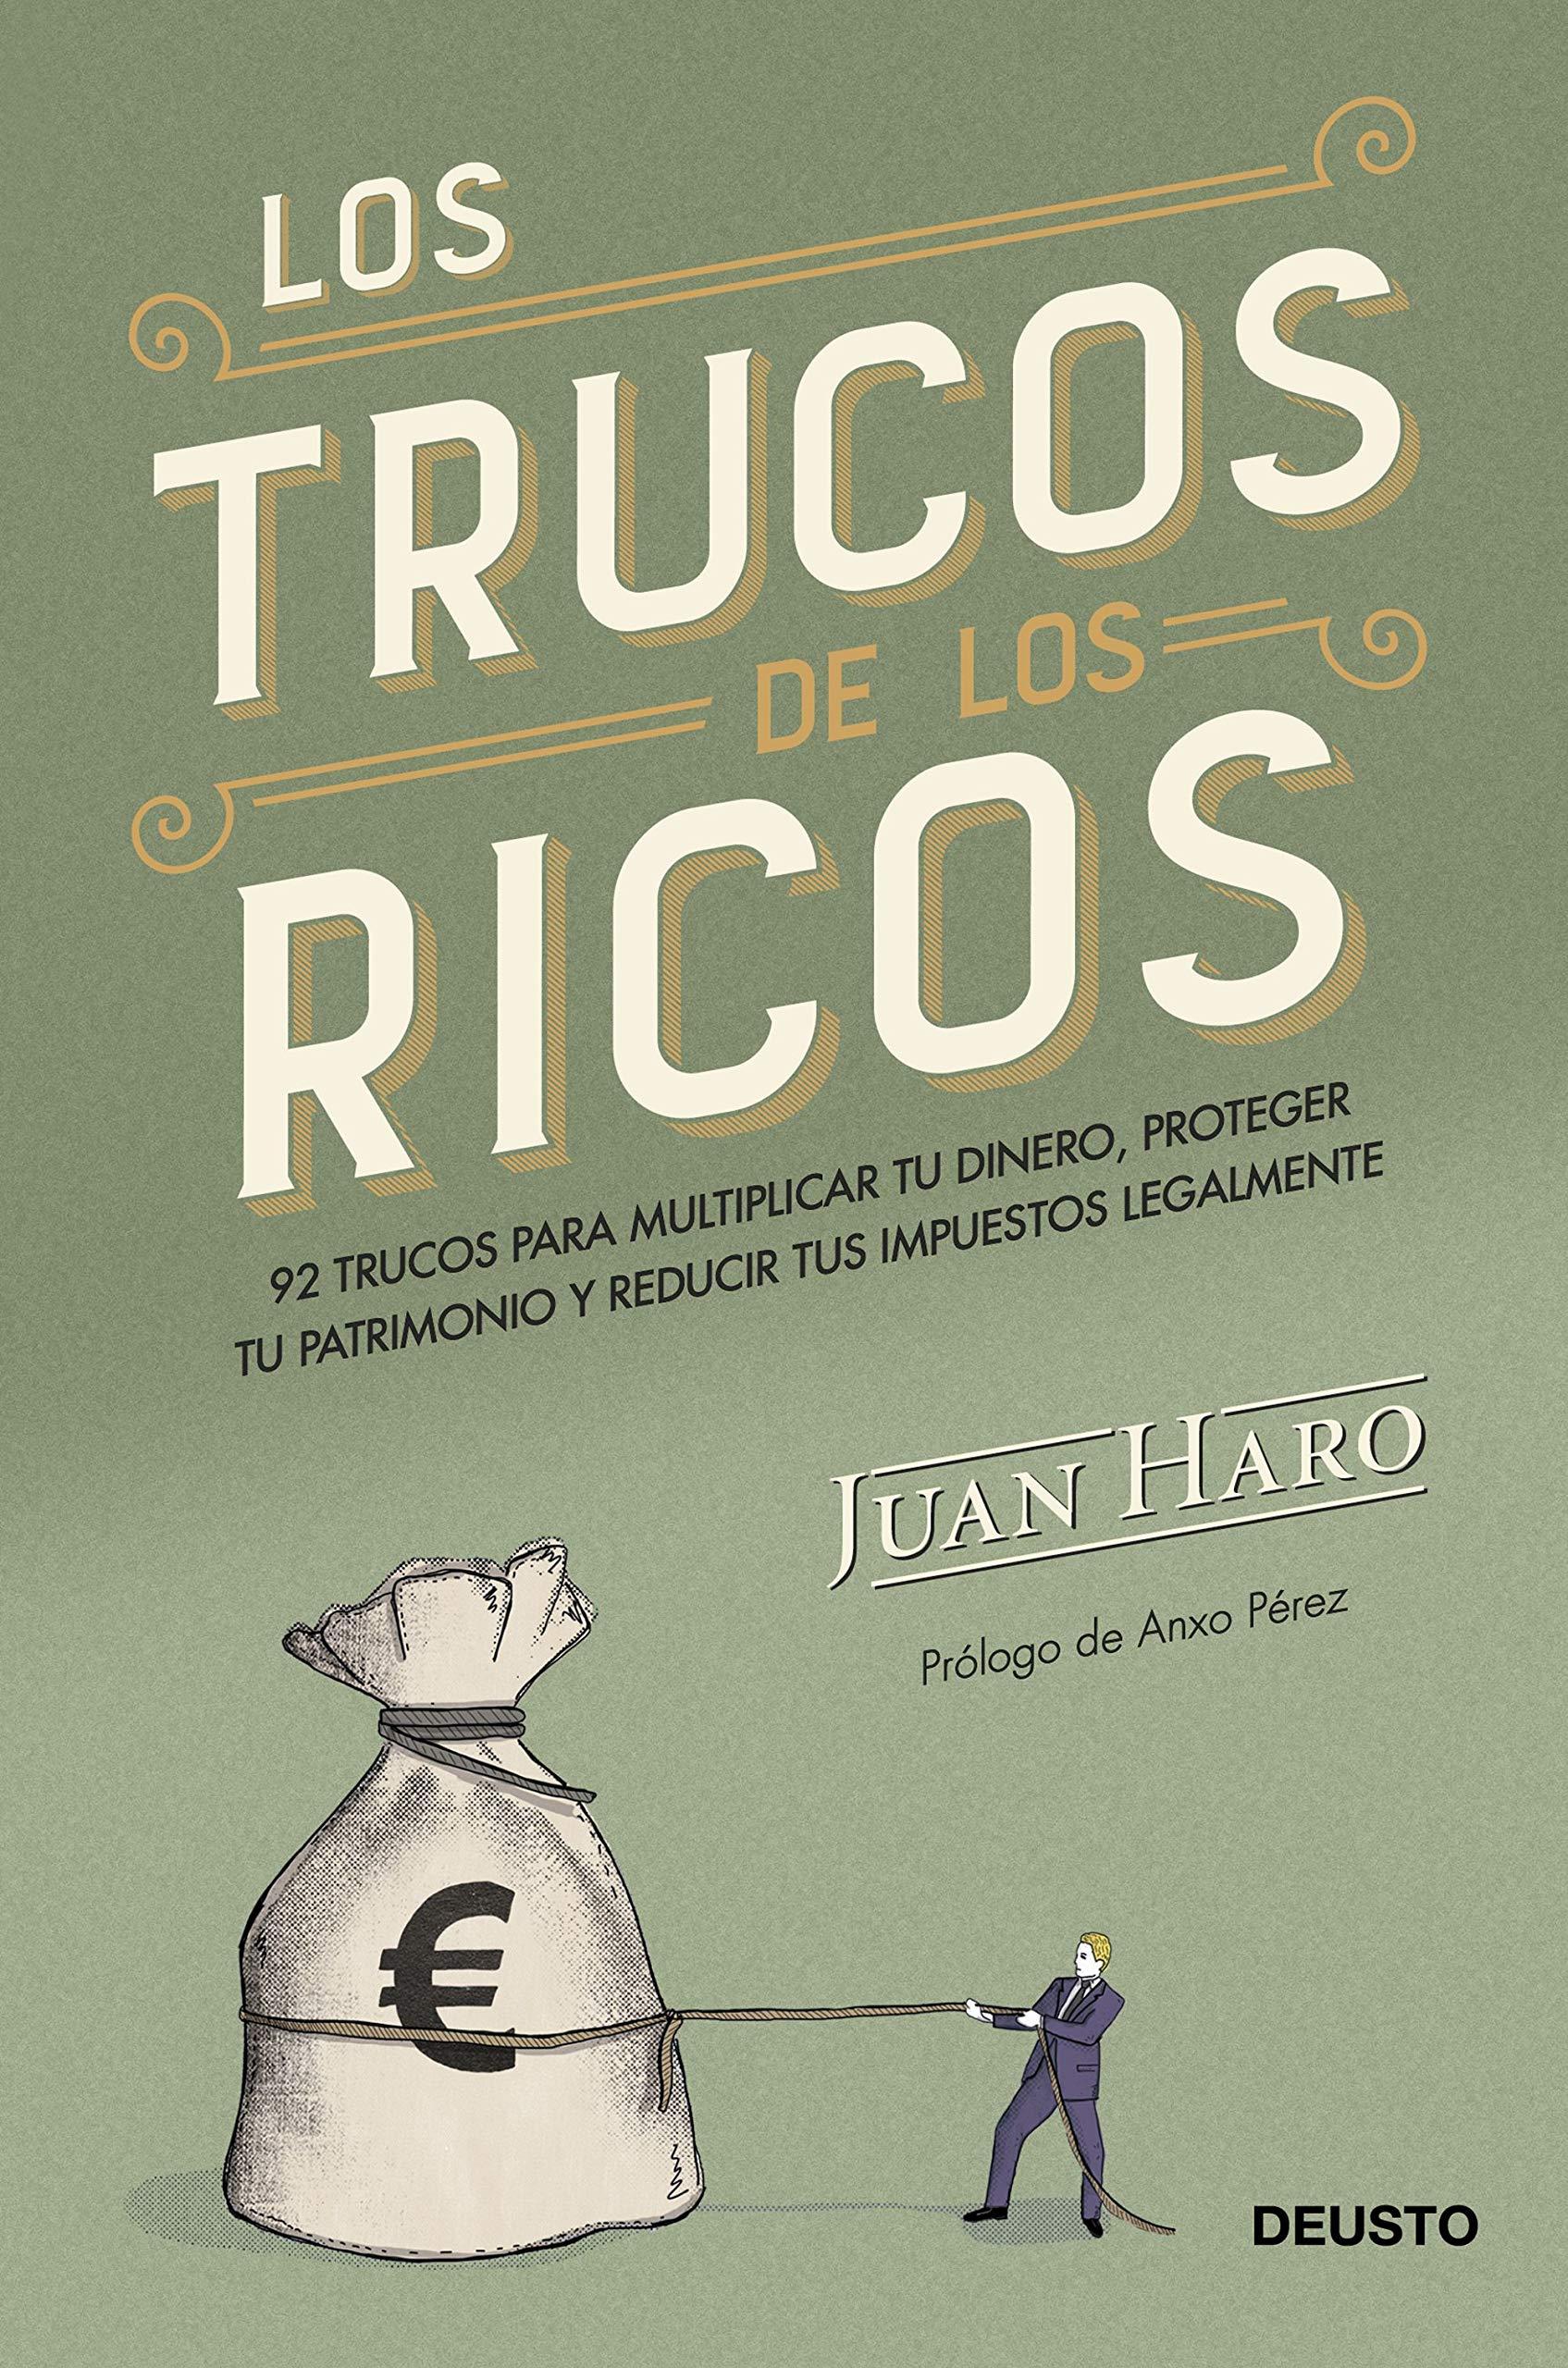 Los trucos de los ricos: 92 trucos para multiplicar tu dinero, proteger tu patrimonio y reducir tus impuestos legalmente (Spanish Edition)